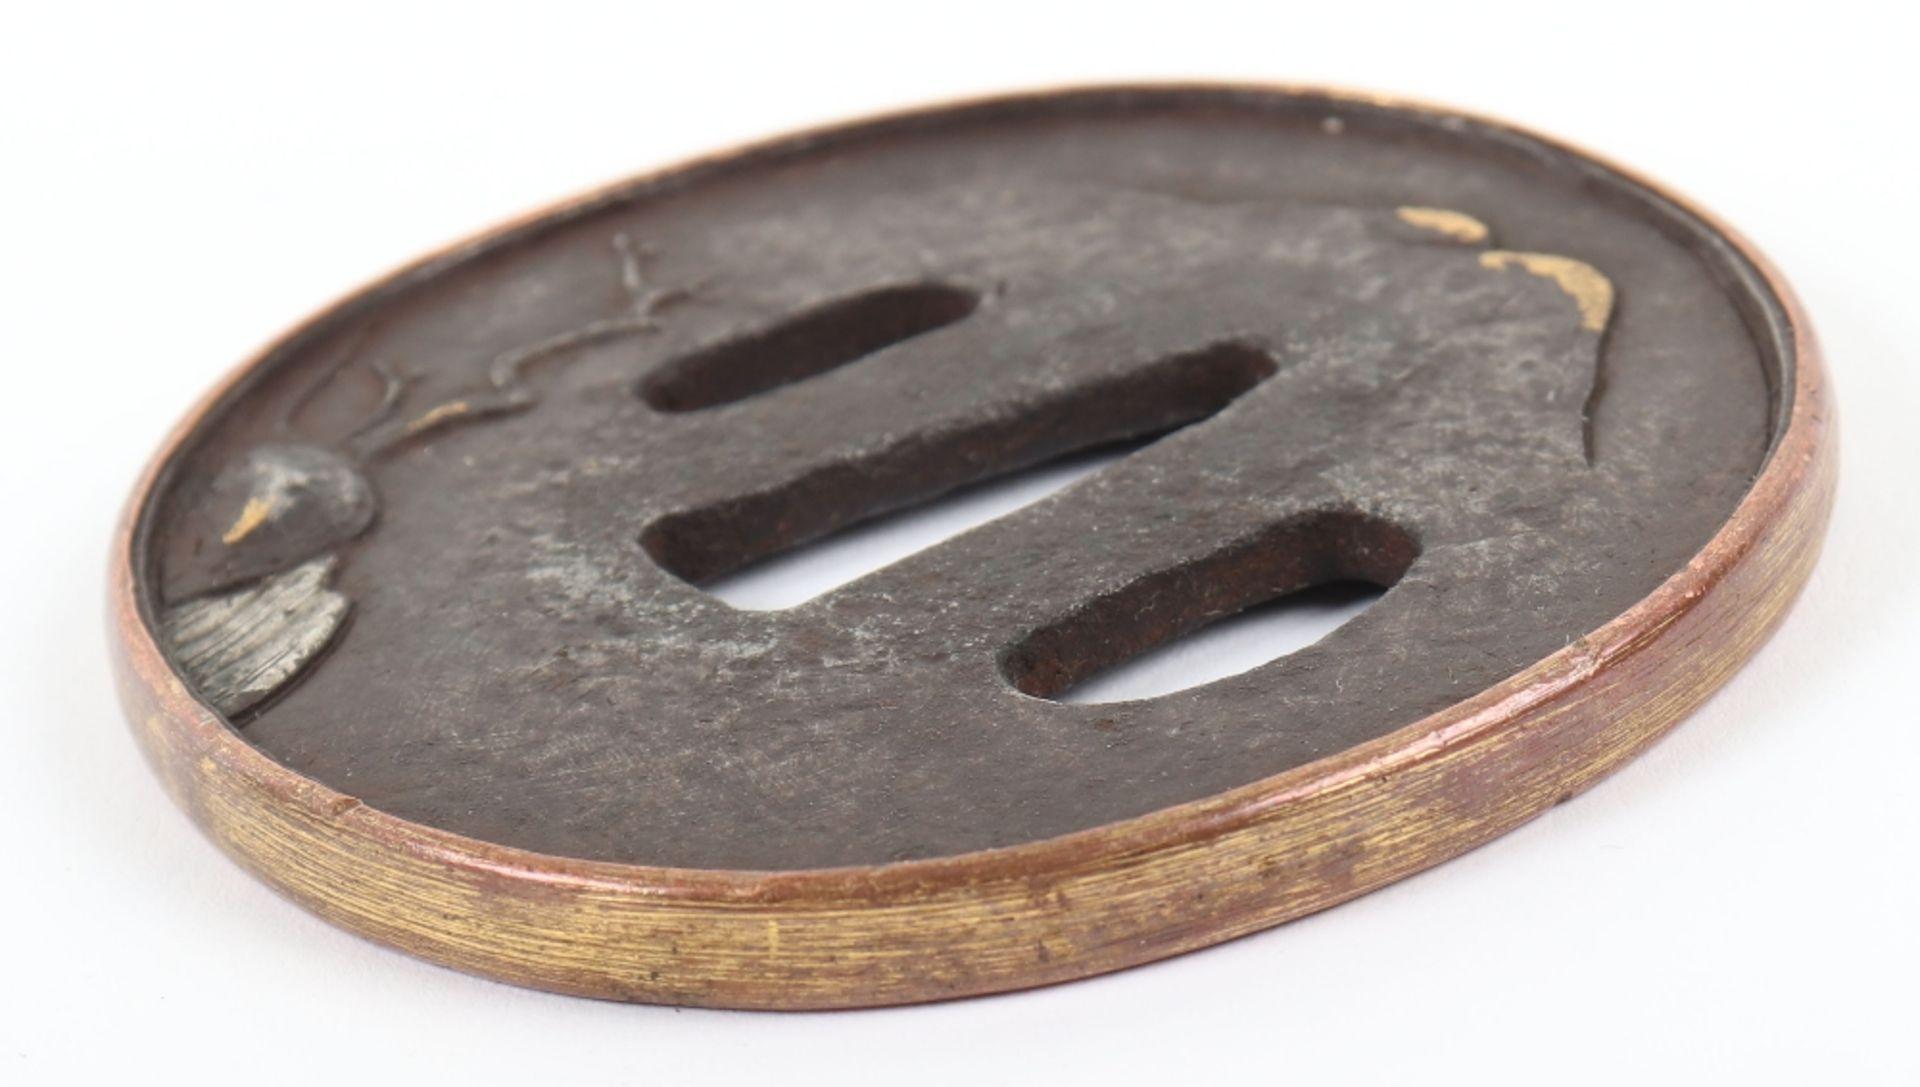 Japanese Oval Iron Edo Tsuba, 19th Century - Image 8 of 8